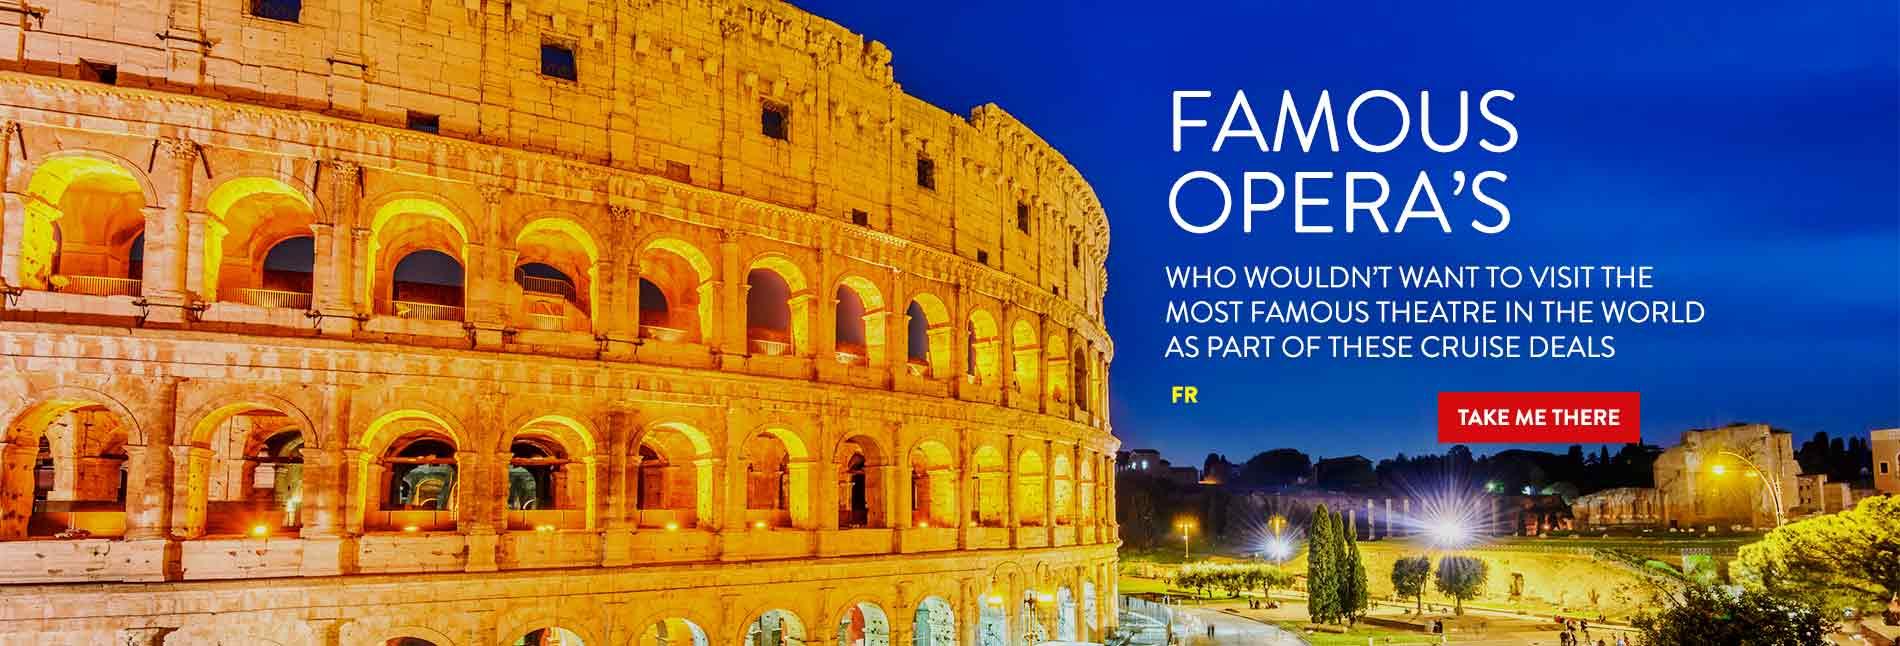 Verona Opera Cruise Deals